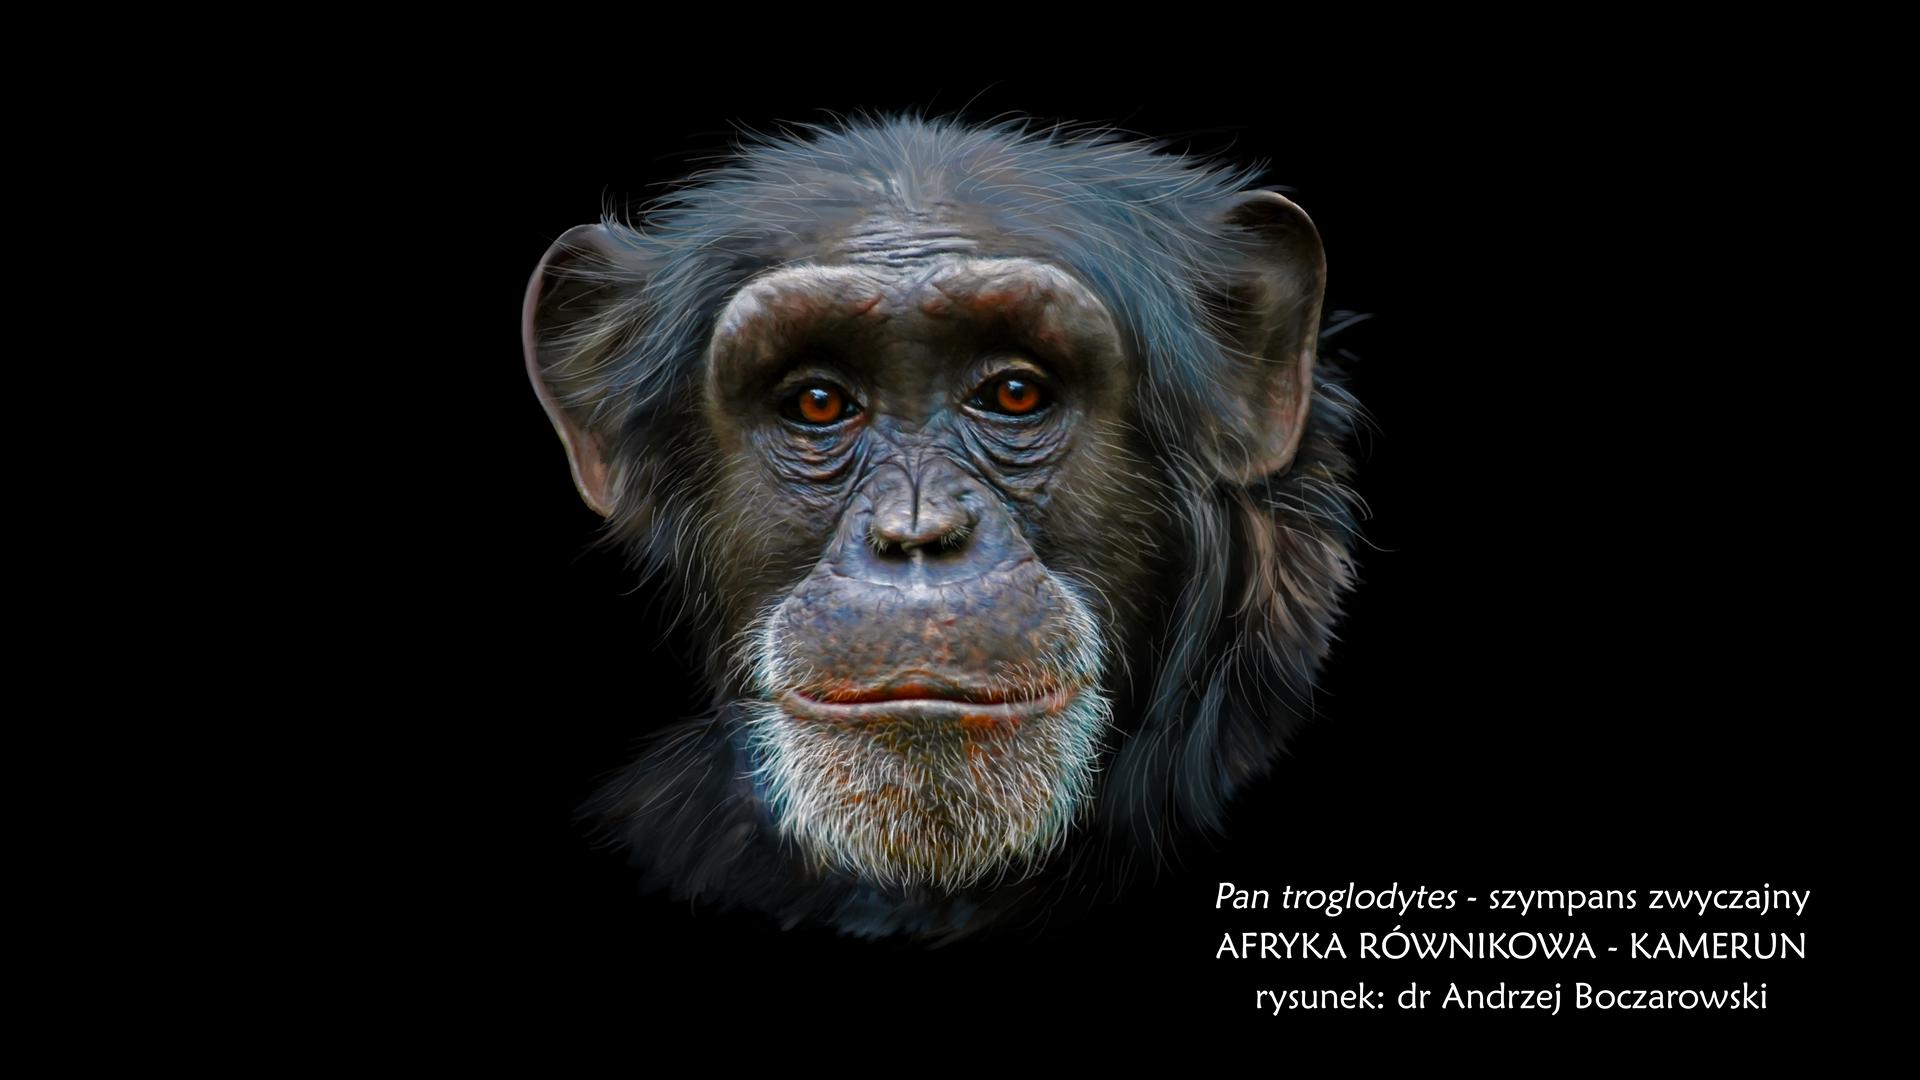 Fotografia prezentuje głowę szympansa zwyczajnego należącego do rodziny człowiekowatych. Twarz szympansa dookoła oczu ina policzkach jest czarna, wysunięta do przodu szczęka iżuchwa są szare iokryte siwymi włosami. Nos mały. Nad oczodołami duże wały nadoczodołowe. Po bokach głowy widoczne duże czarne małżowiny uszne. Głowa iciało okryte czarnymi włosami.